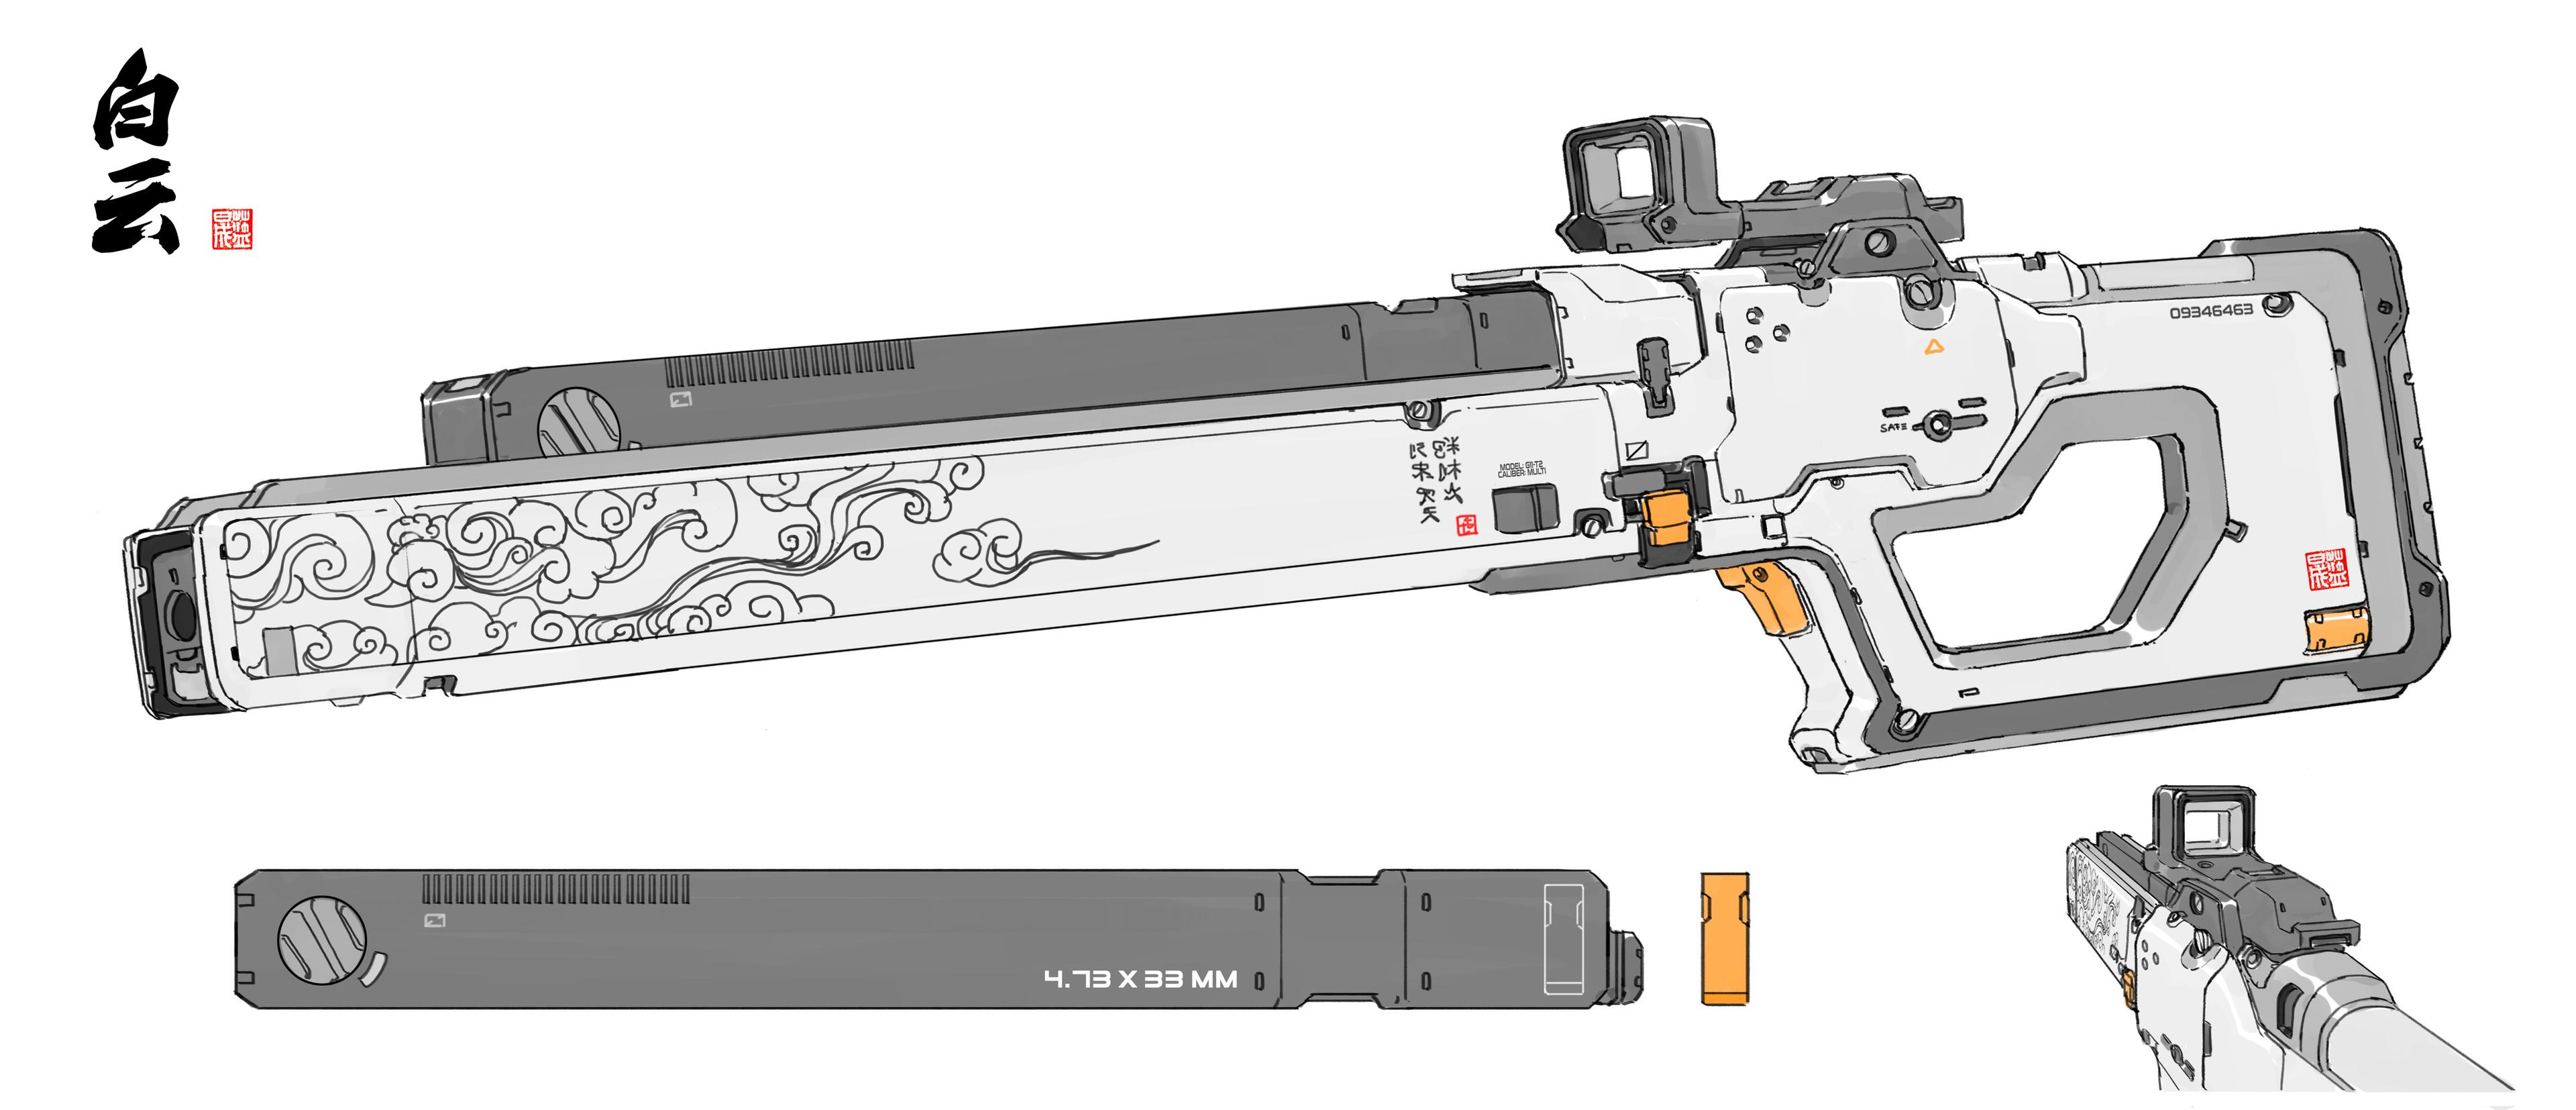 white cloud gun